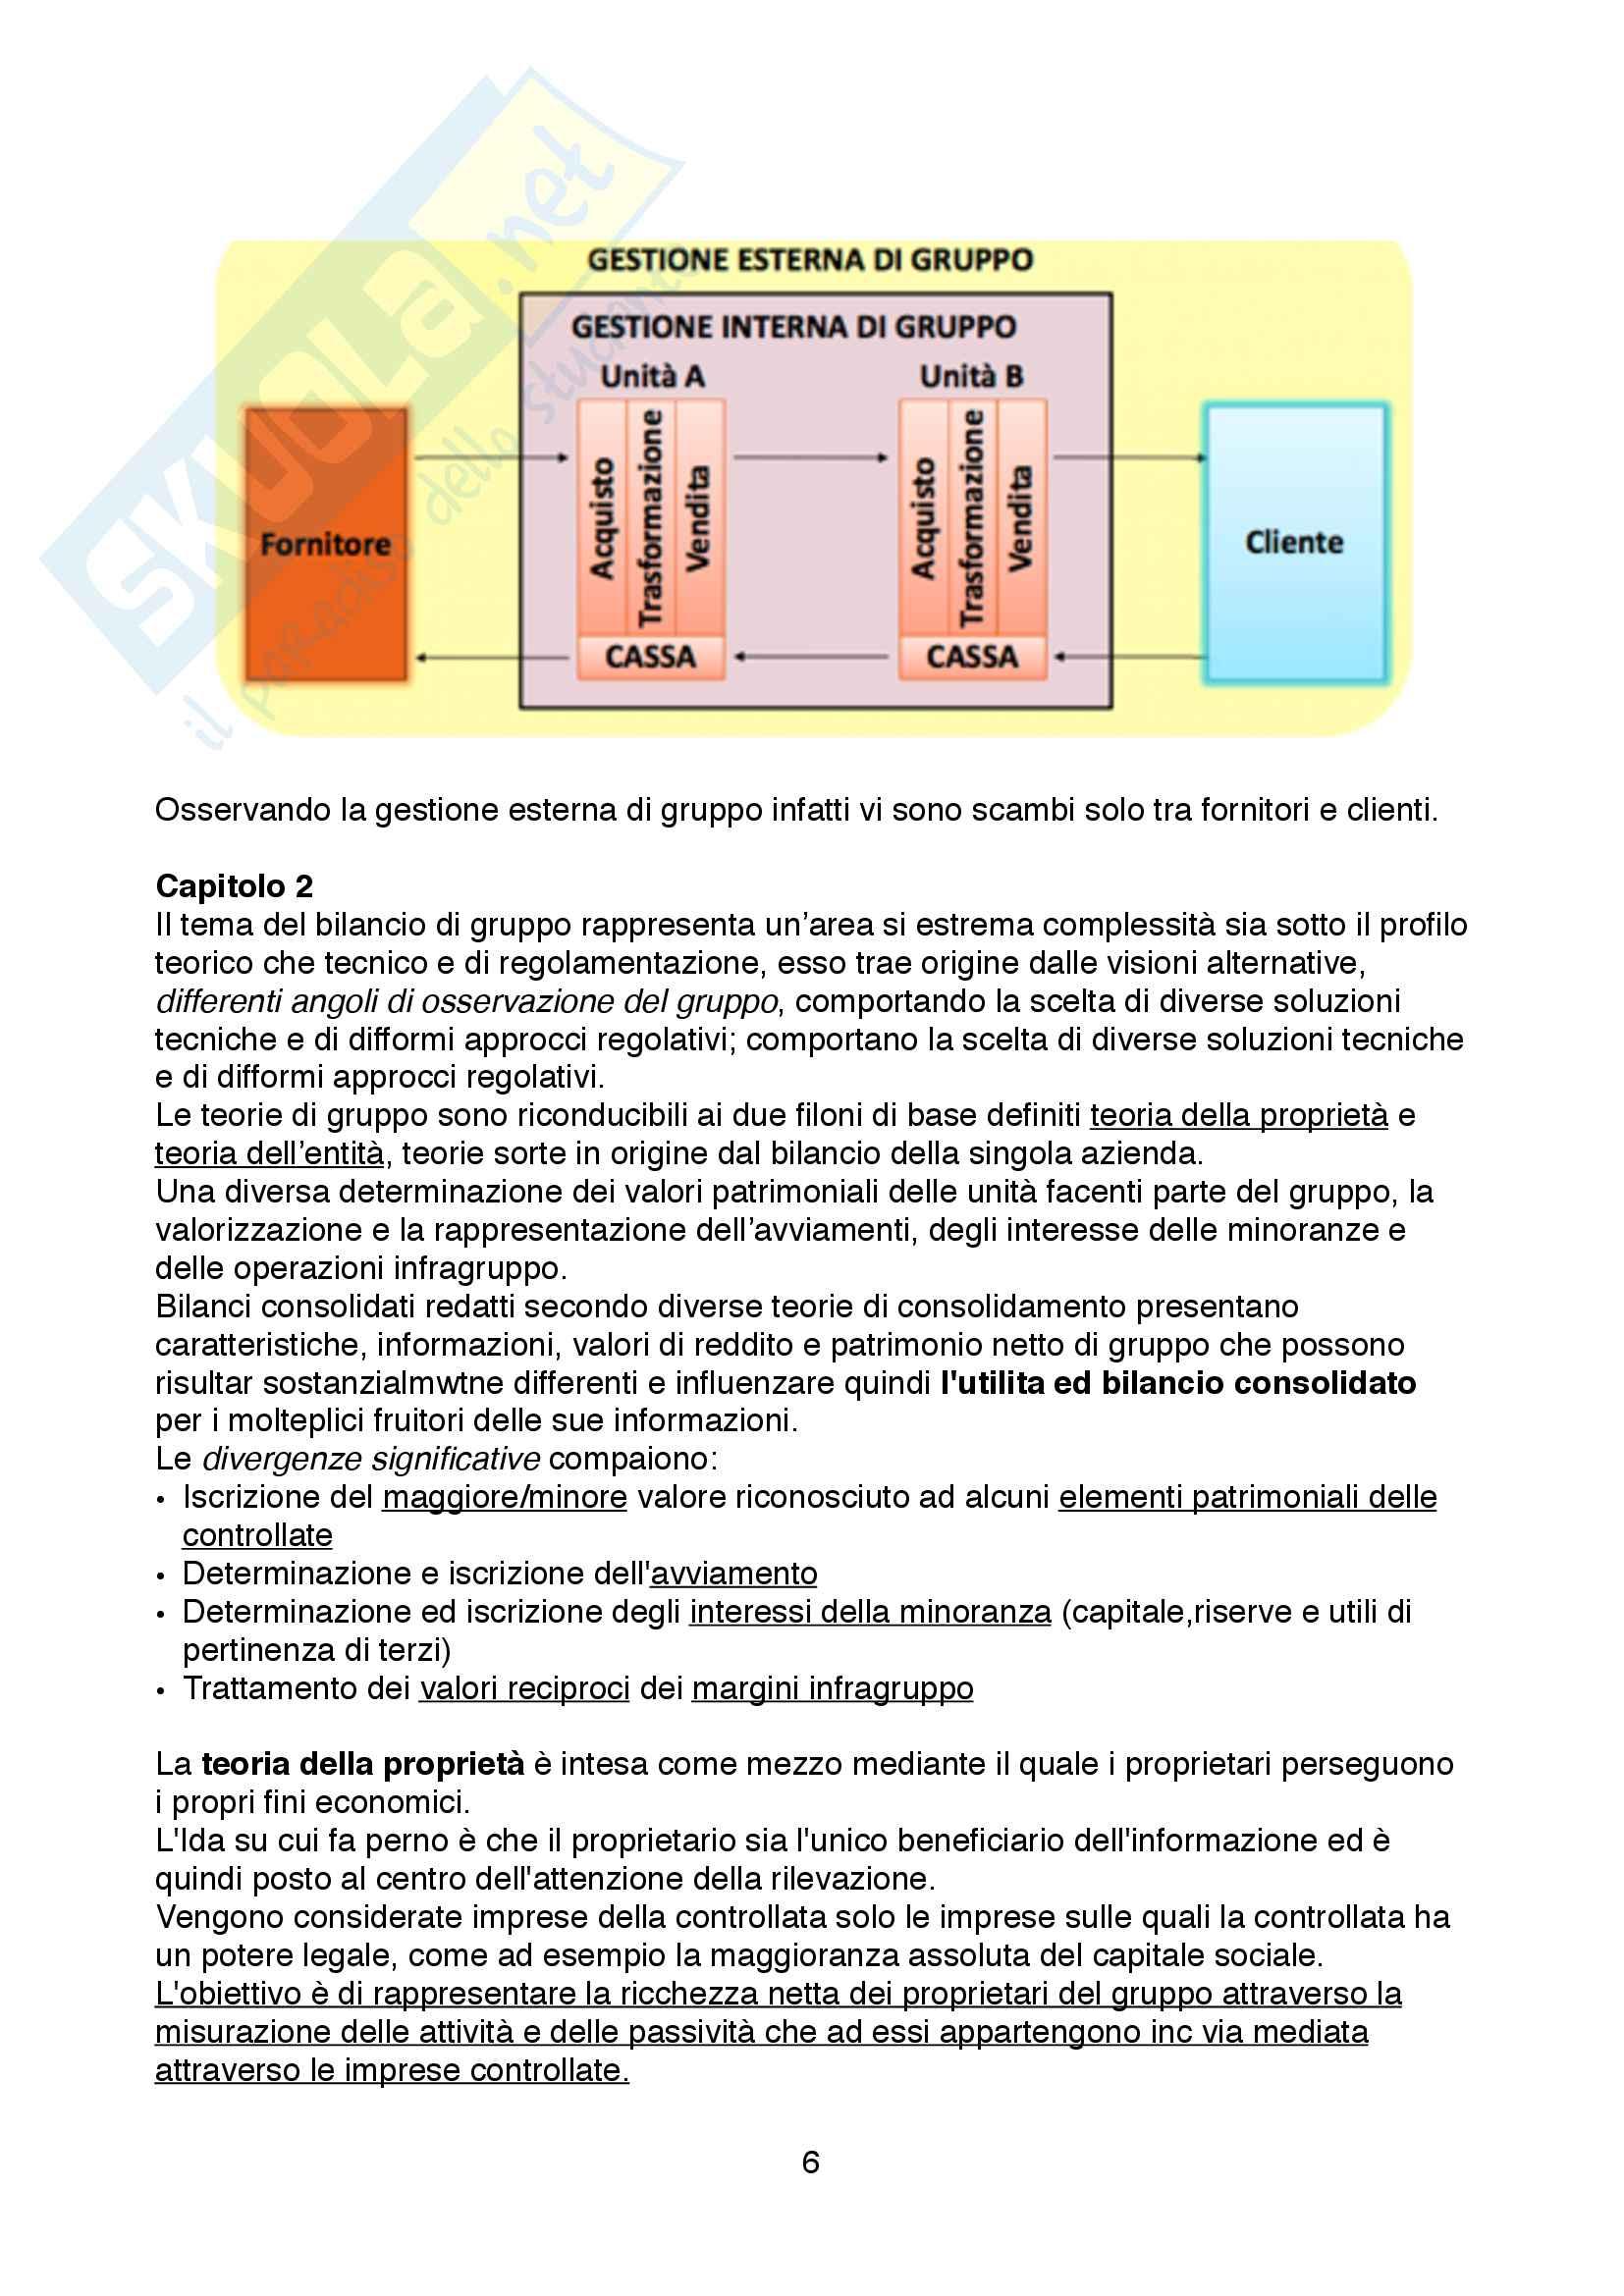 Appunti dettagliati su Bilancio dei gruppi, sufficienti a preparare l'Esame Pag. 6